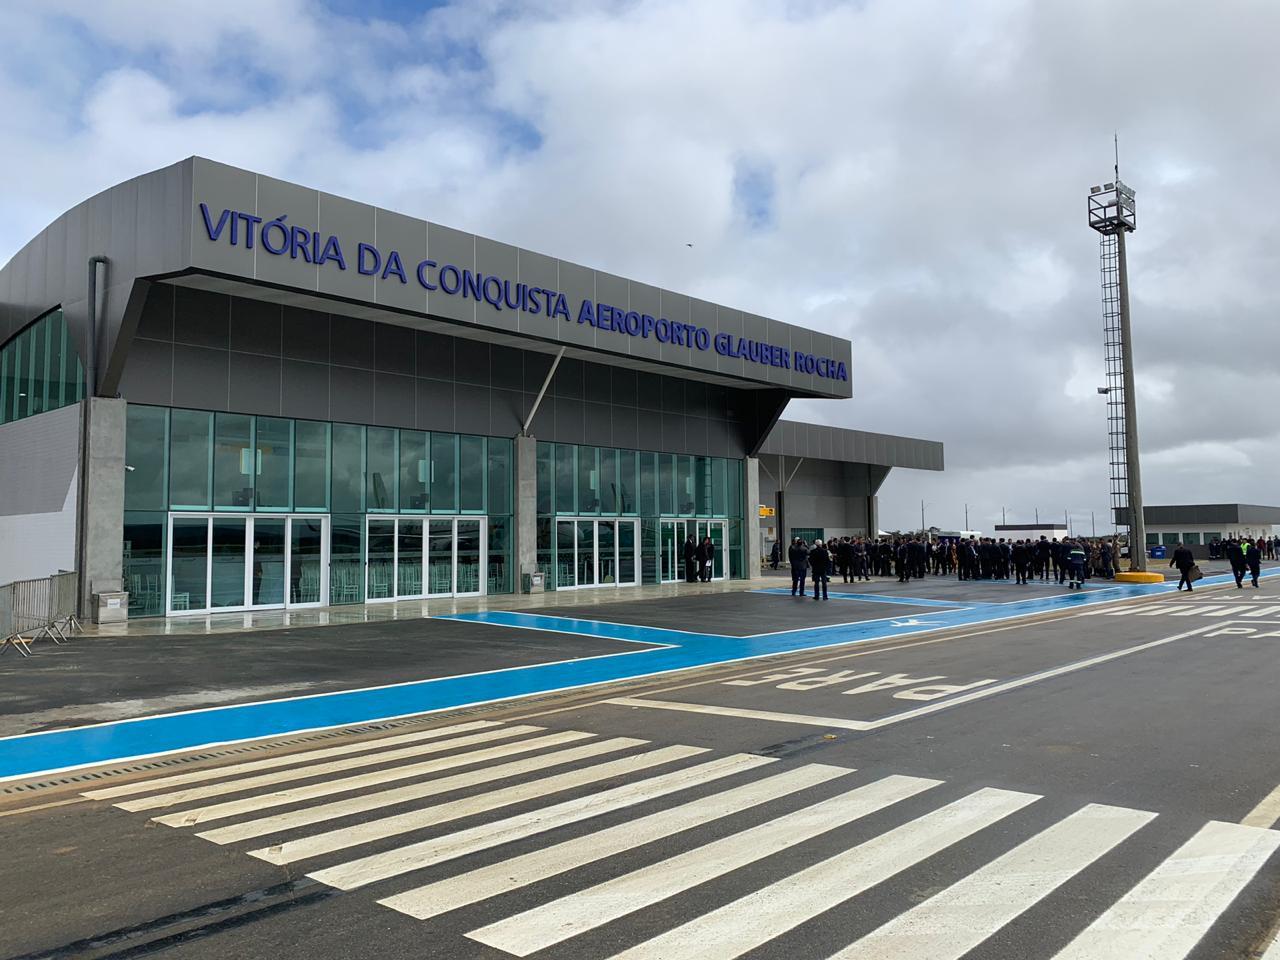 Aeroporto de Vitória da Conquista tem aumento de 80% em passageiros